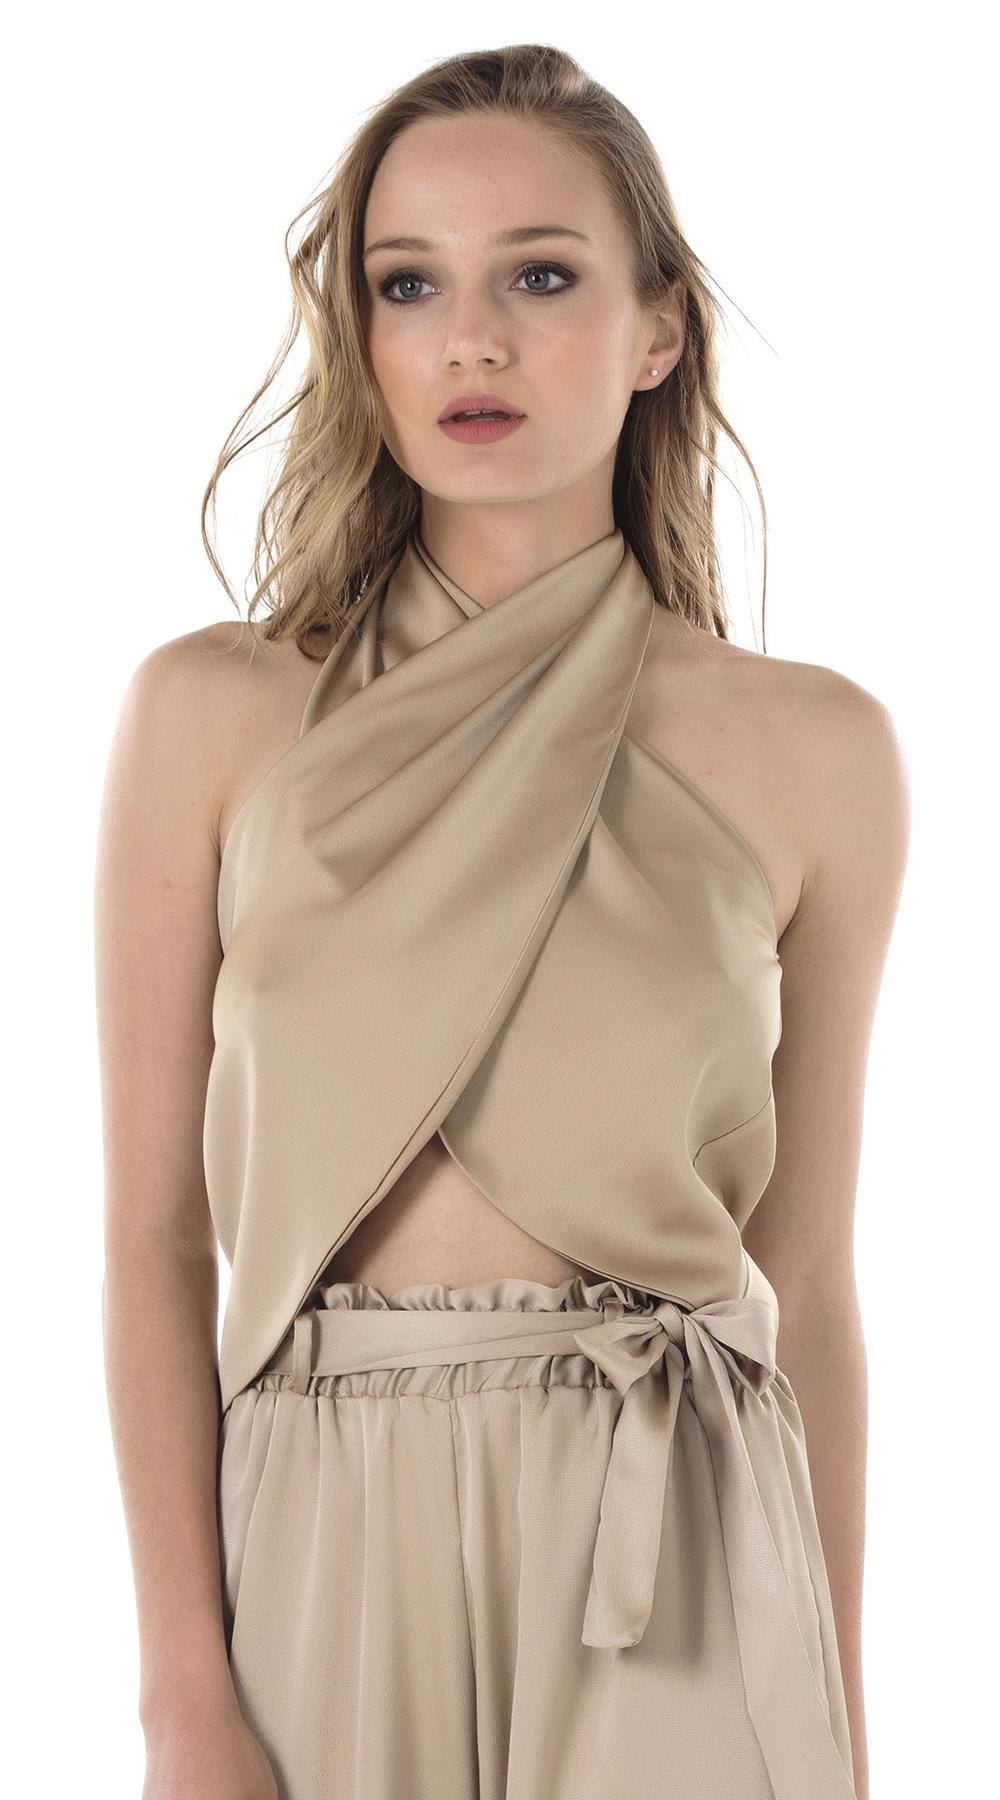 Σατέν κρουαζέ μπούστο Online - ONLINE - S18ON-16183 μπλούζες   t shirts elegant tops